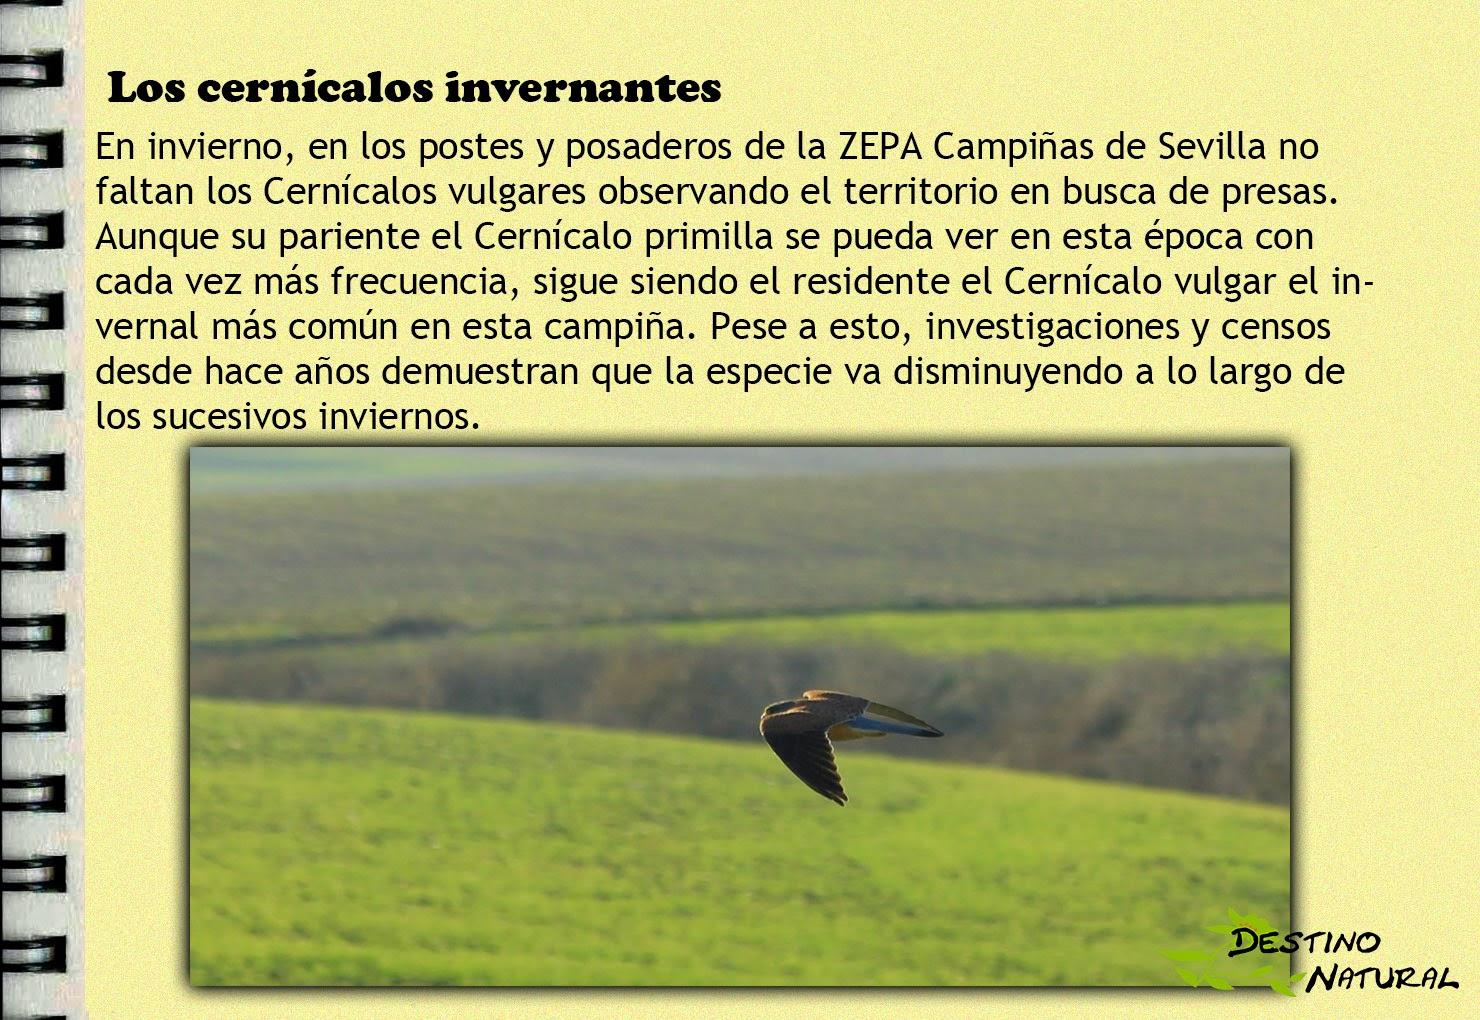 Cernícalo vulgar en la ZEPA Campiñas de Sevilla